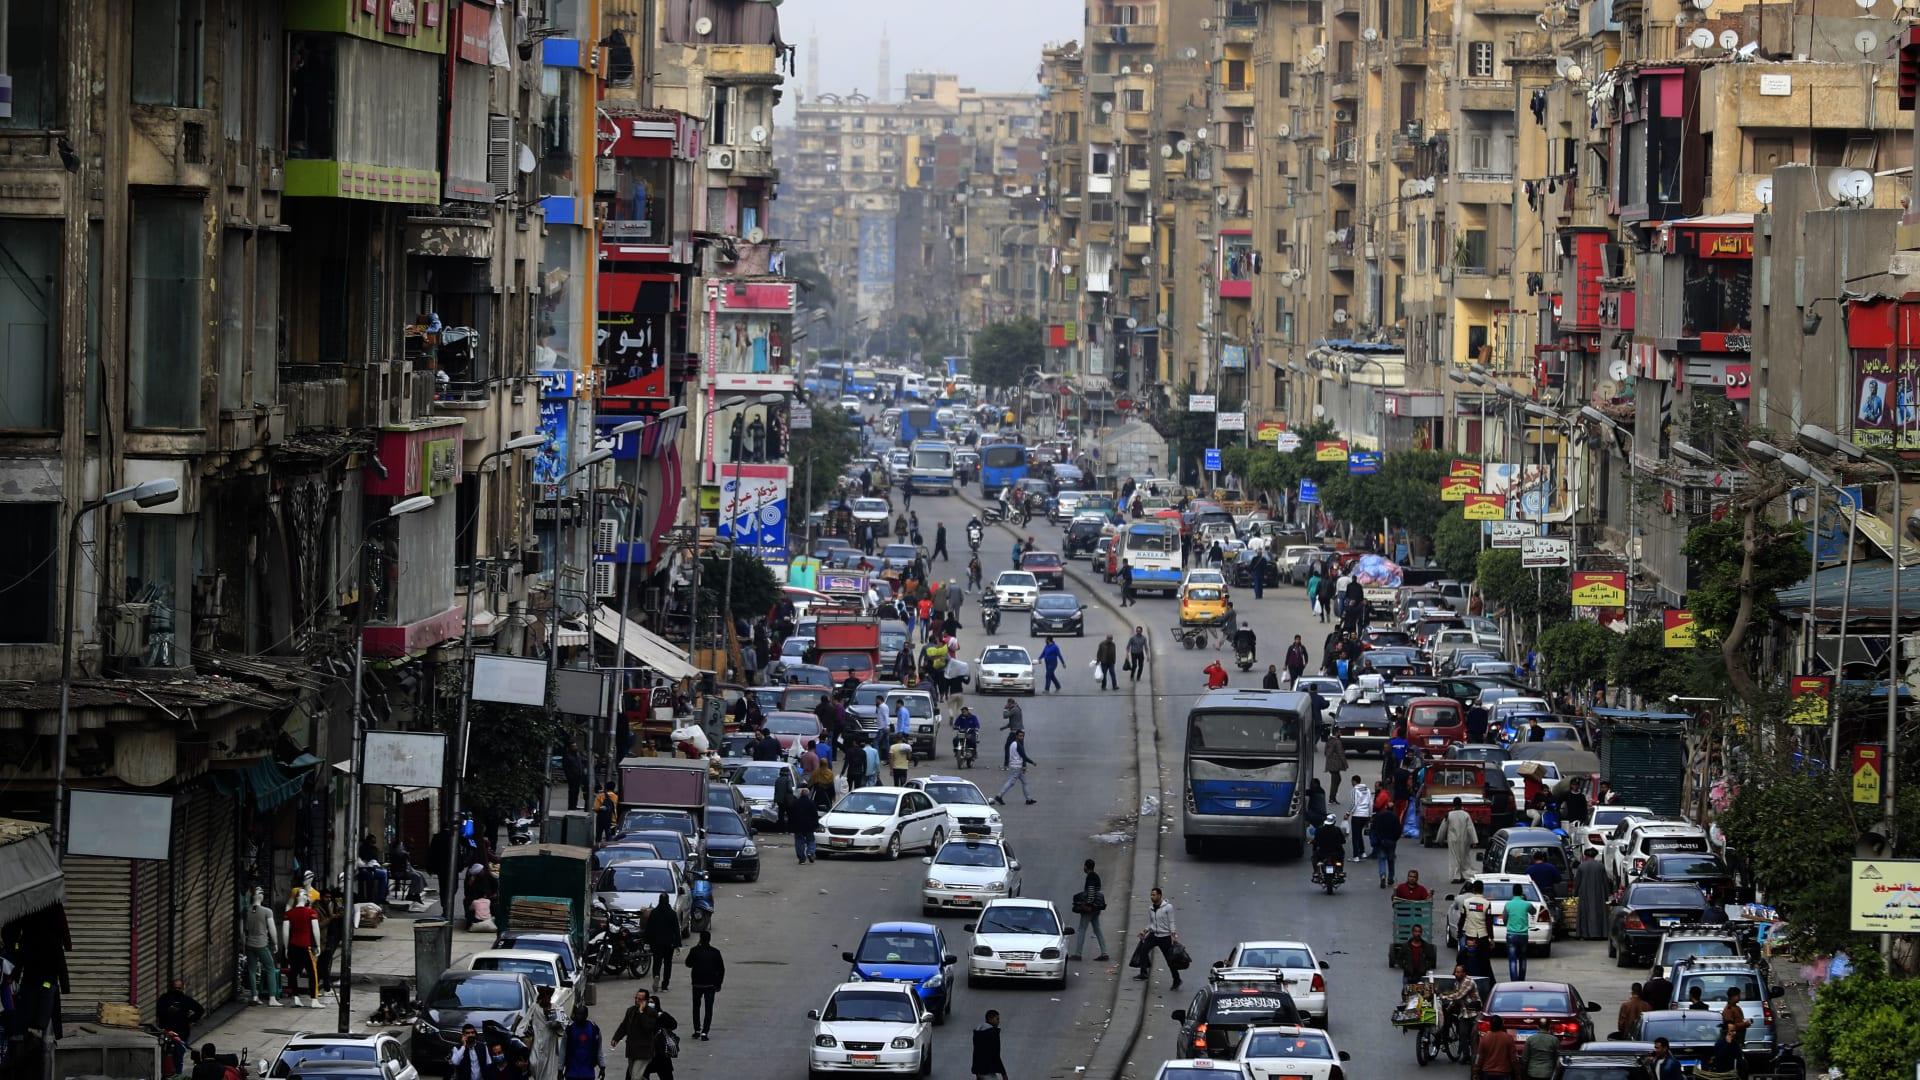 """مصر تفرض ضرائب على صناع المحتوى وسط تساؤلات عن """"القيمة المضافة"""""""